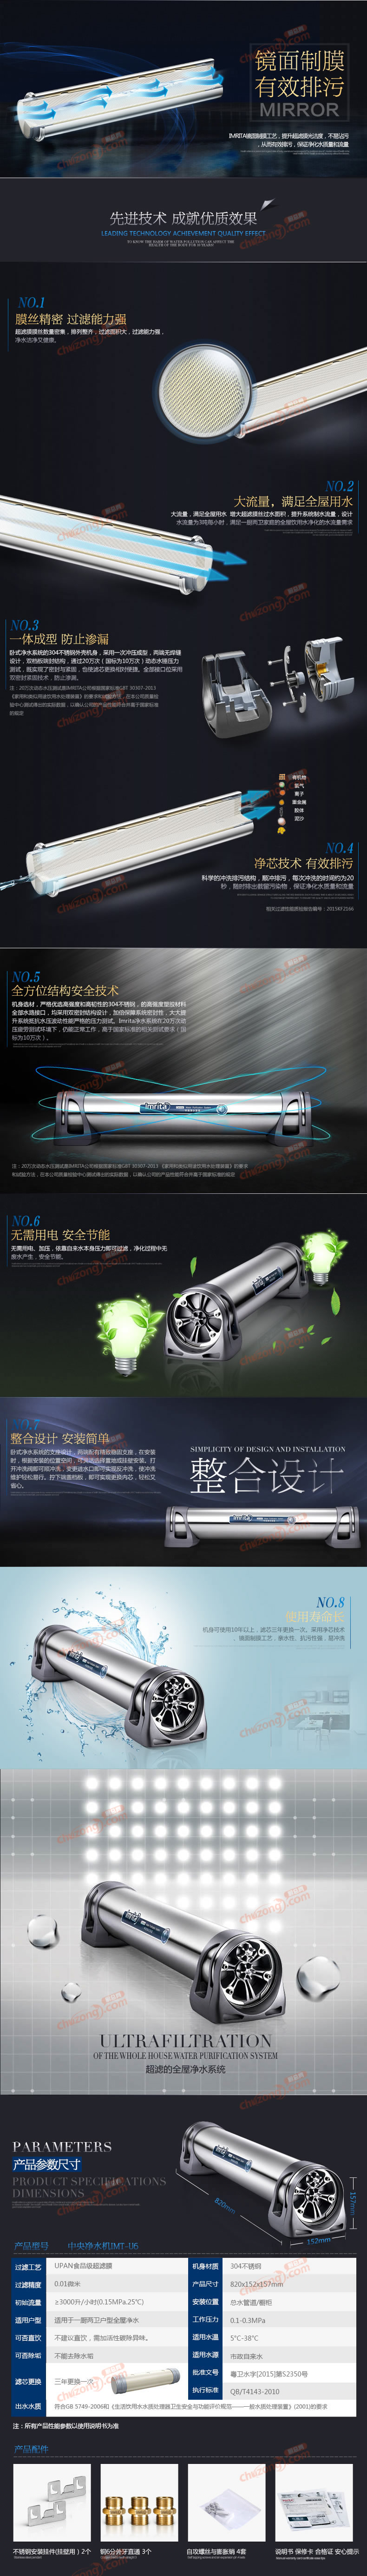 【爱玛特中央净水机】IMT-U6详情图